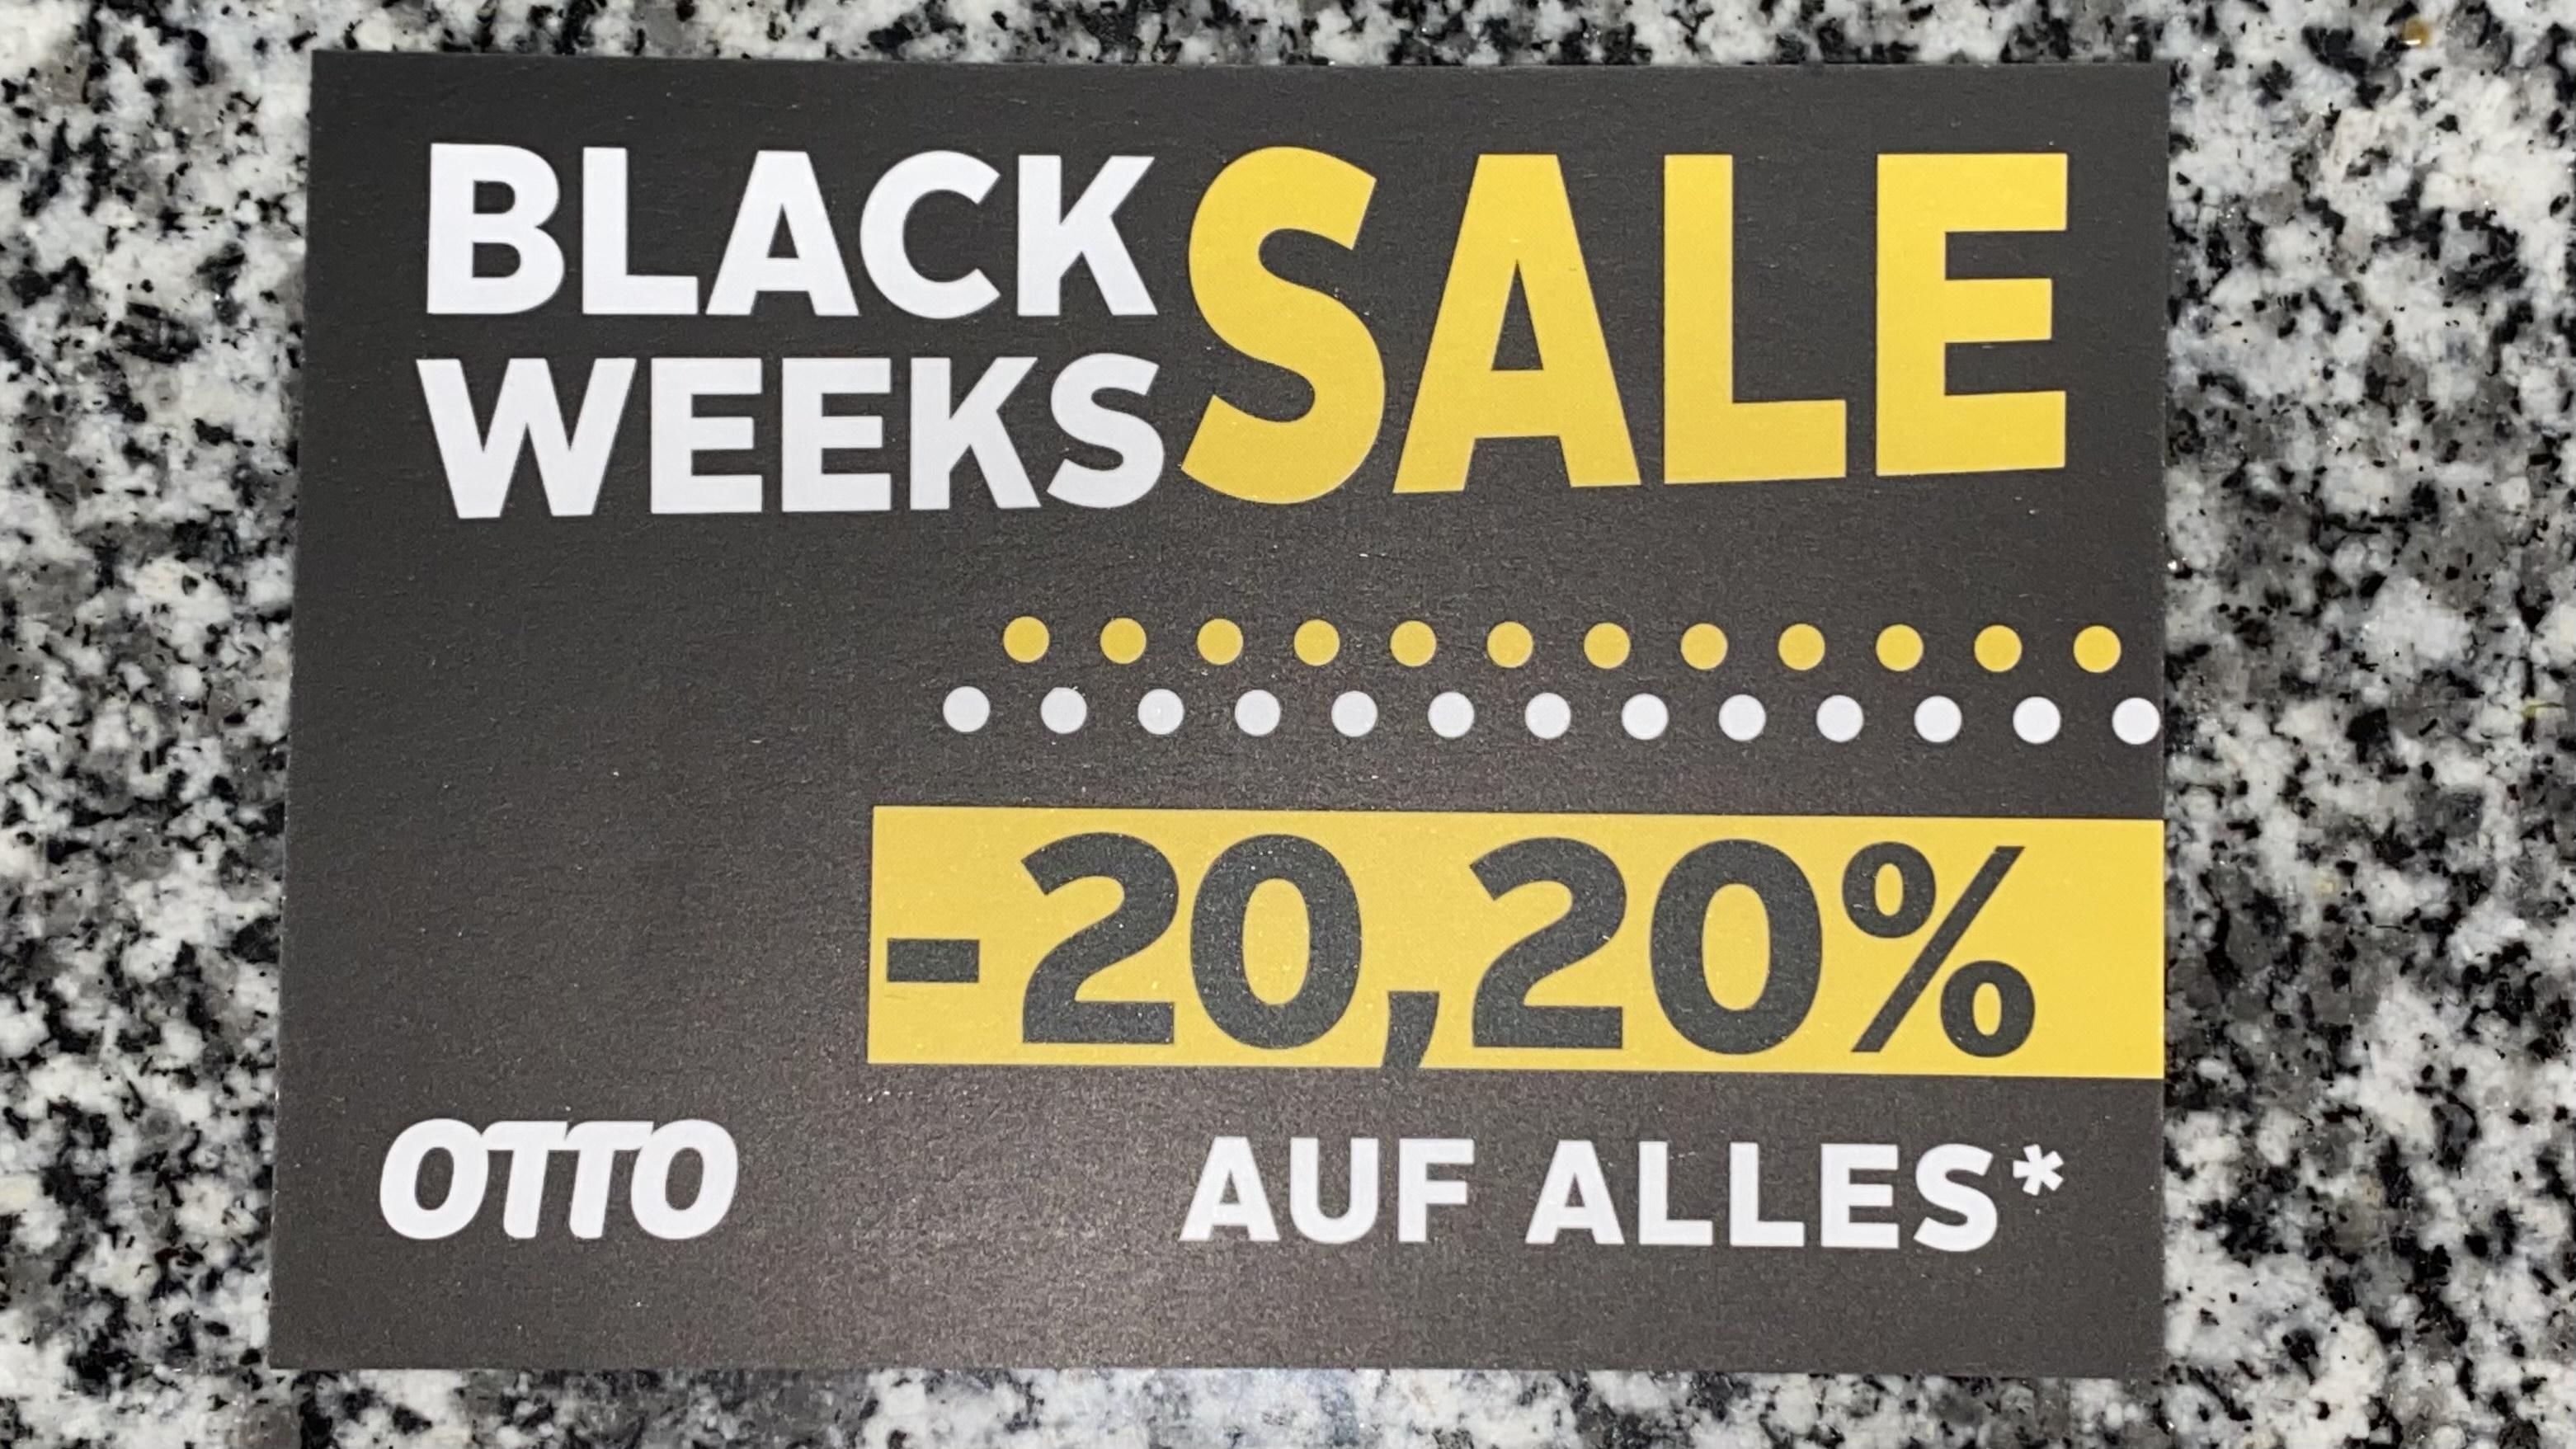 [ OTTO Versand ] -20,20% auf ALLES außer Technik (Black Week Sale)